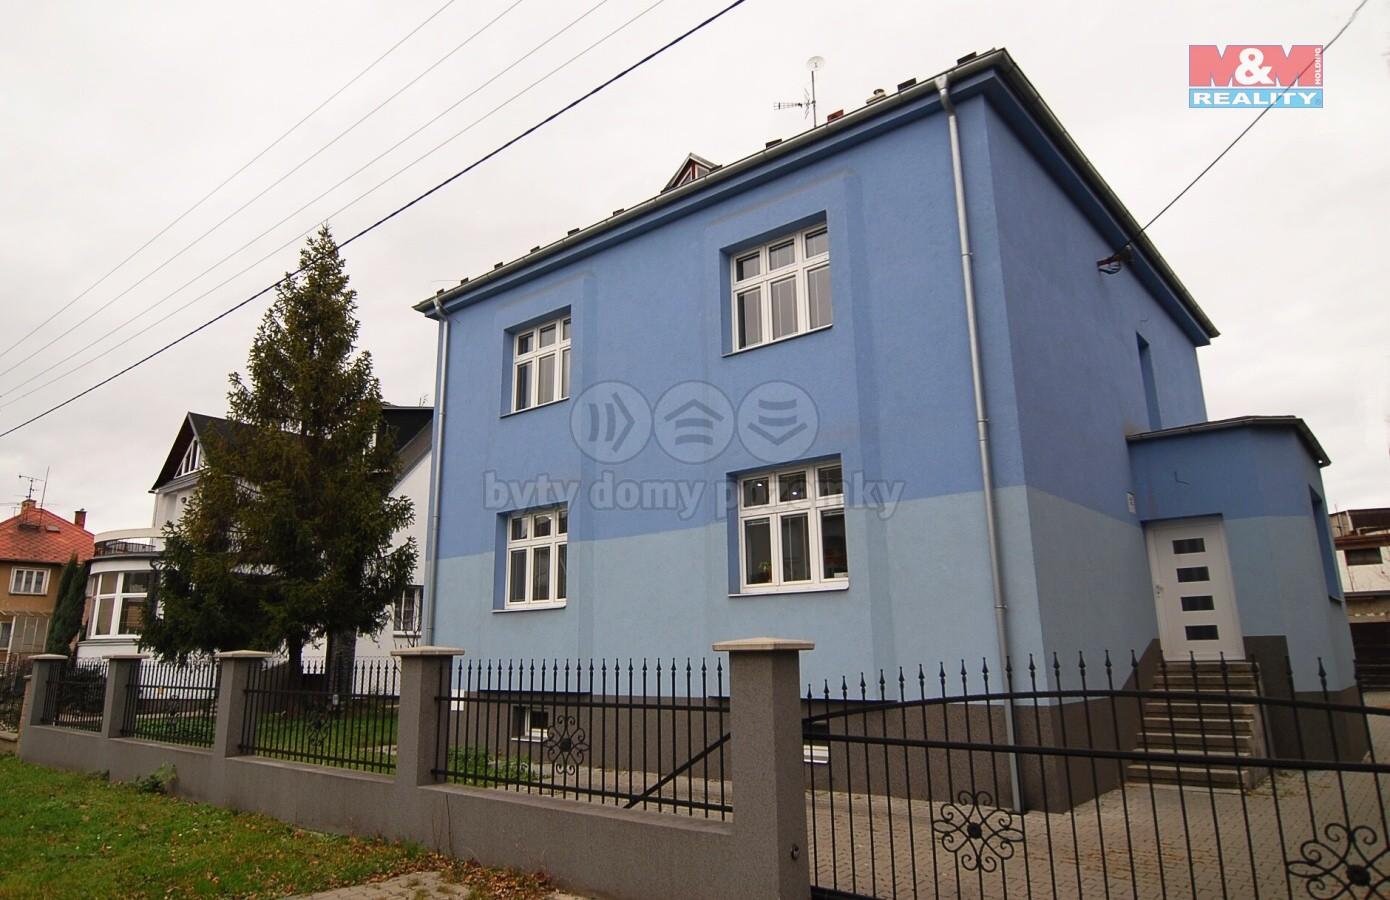 Prodej, rodinný dům, Ostrava, ul. Vrázova